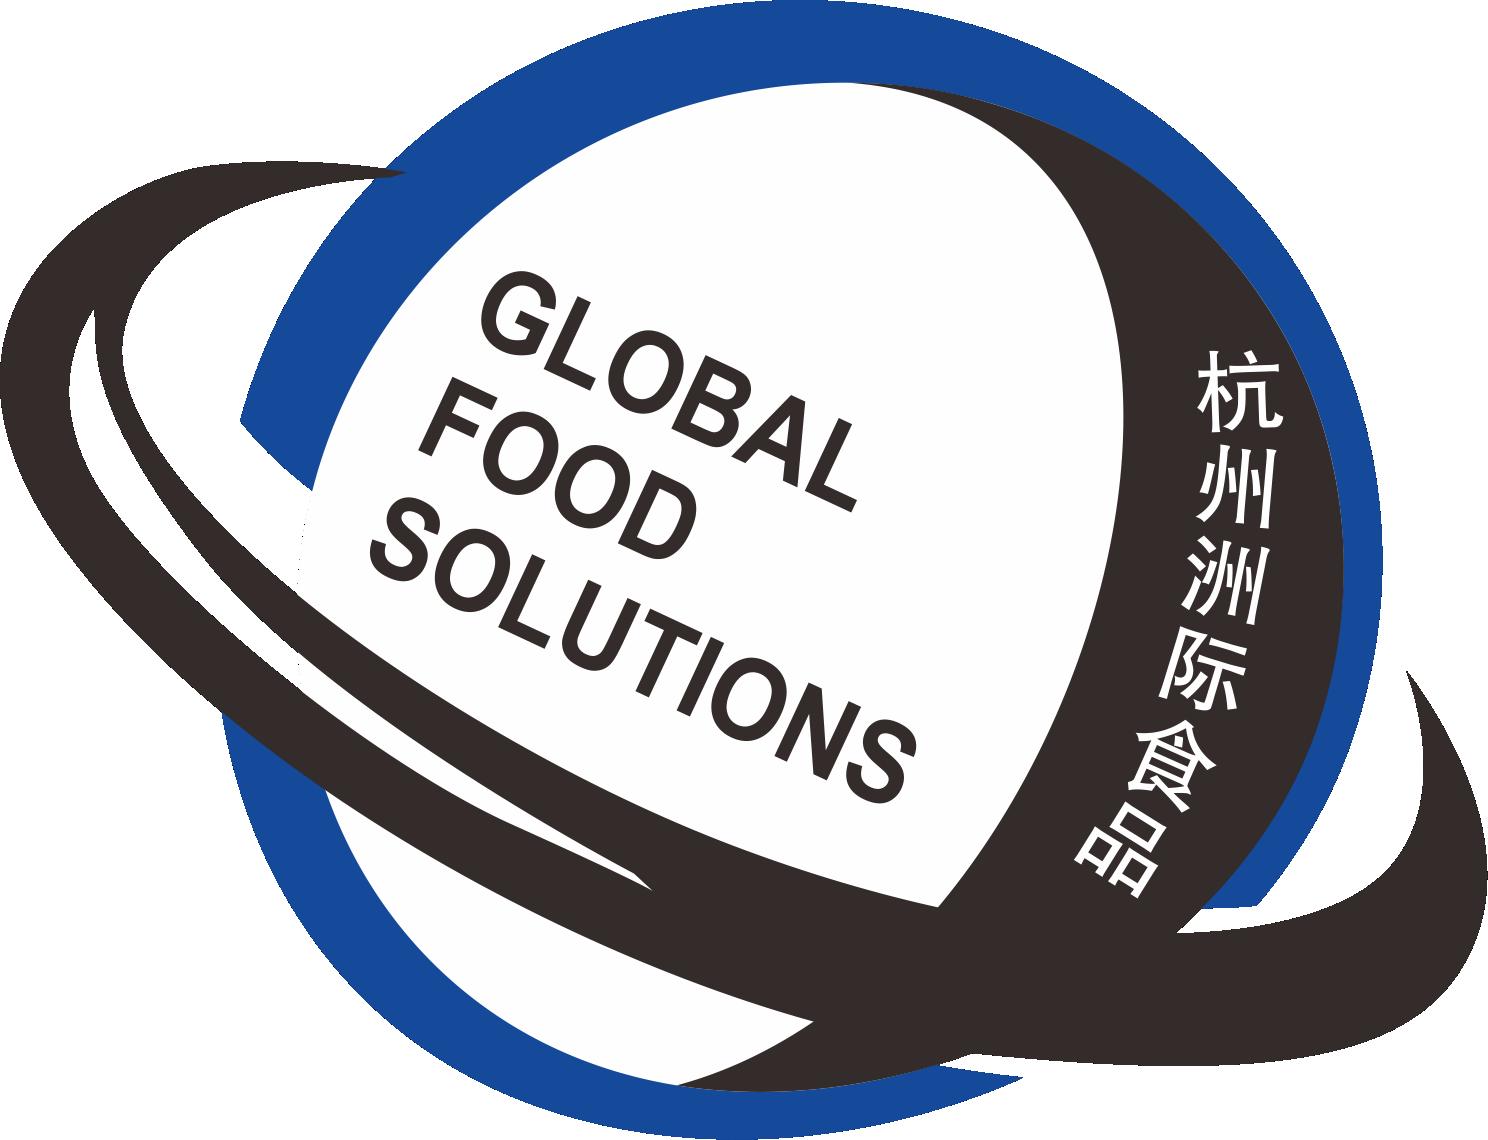 杭州洲际食品有限公司